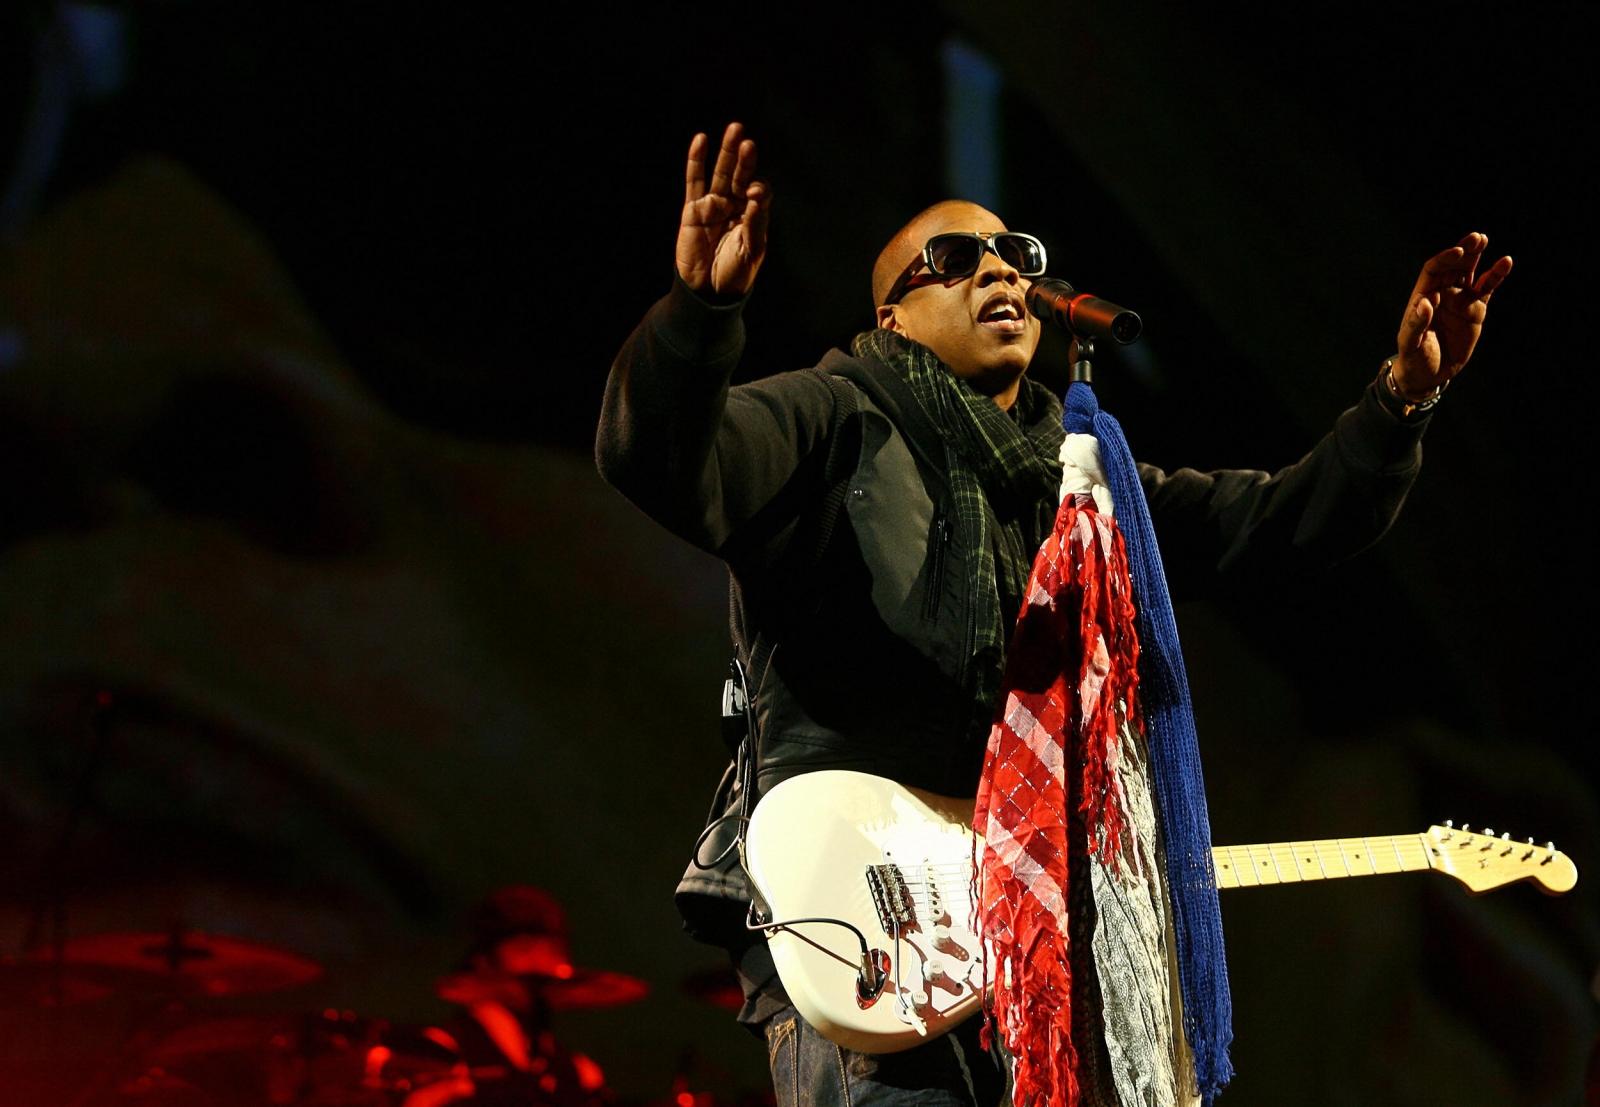 Jay Z at Glastonbury 2008